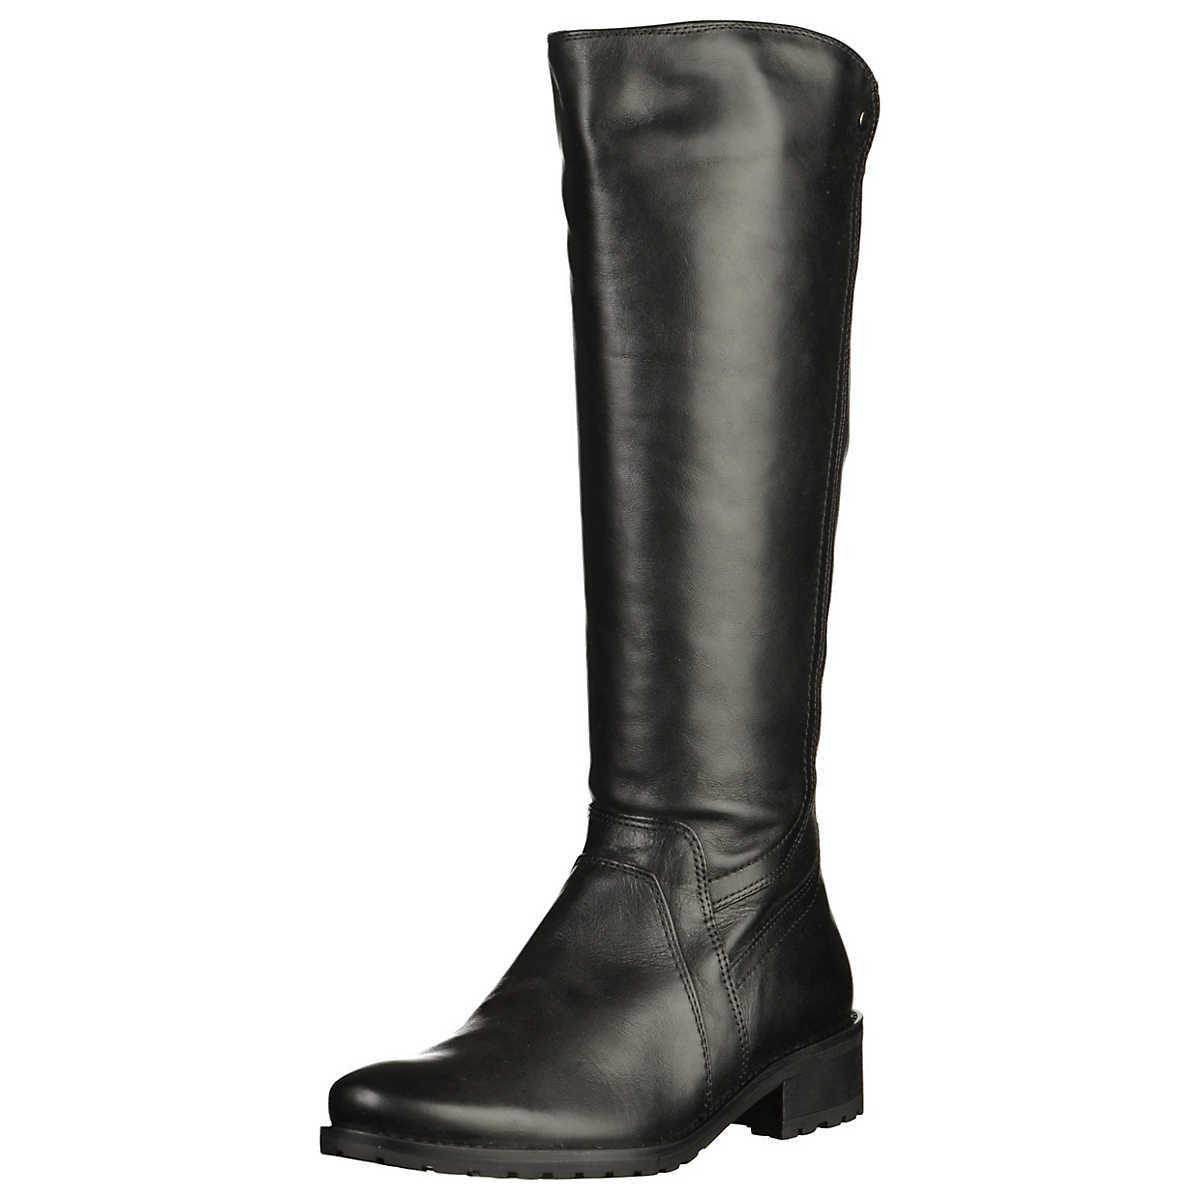 CAPRICE Stiefel schwarz - CAPRICE - Stiefel - Schuhe - mirapodo.de